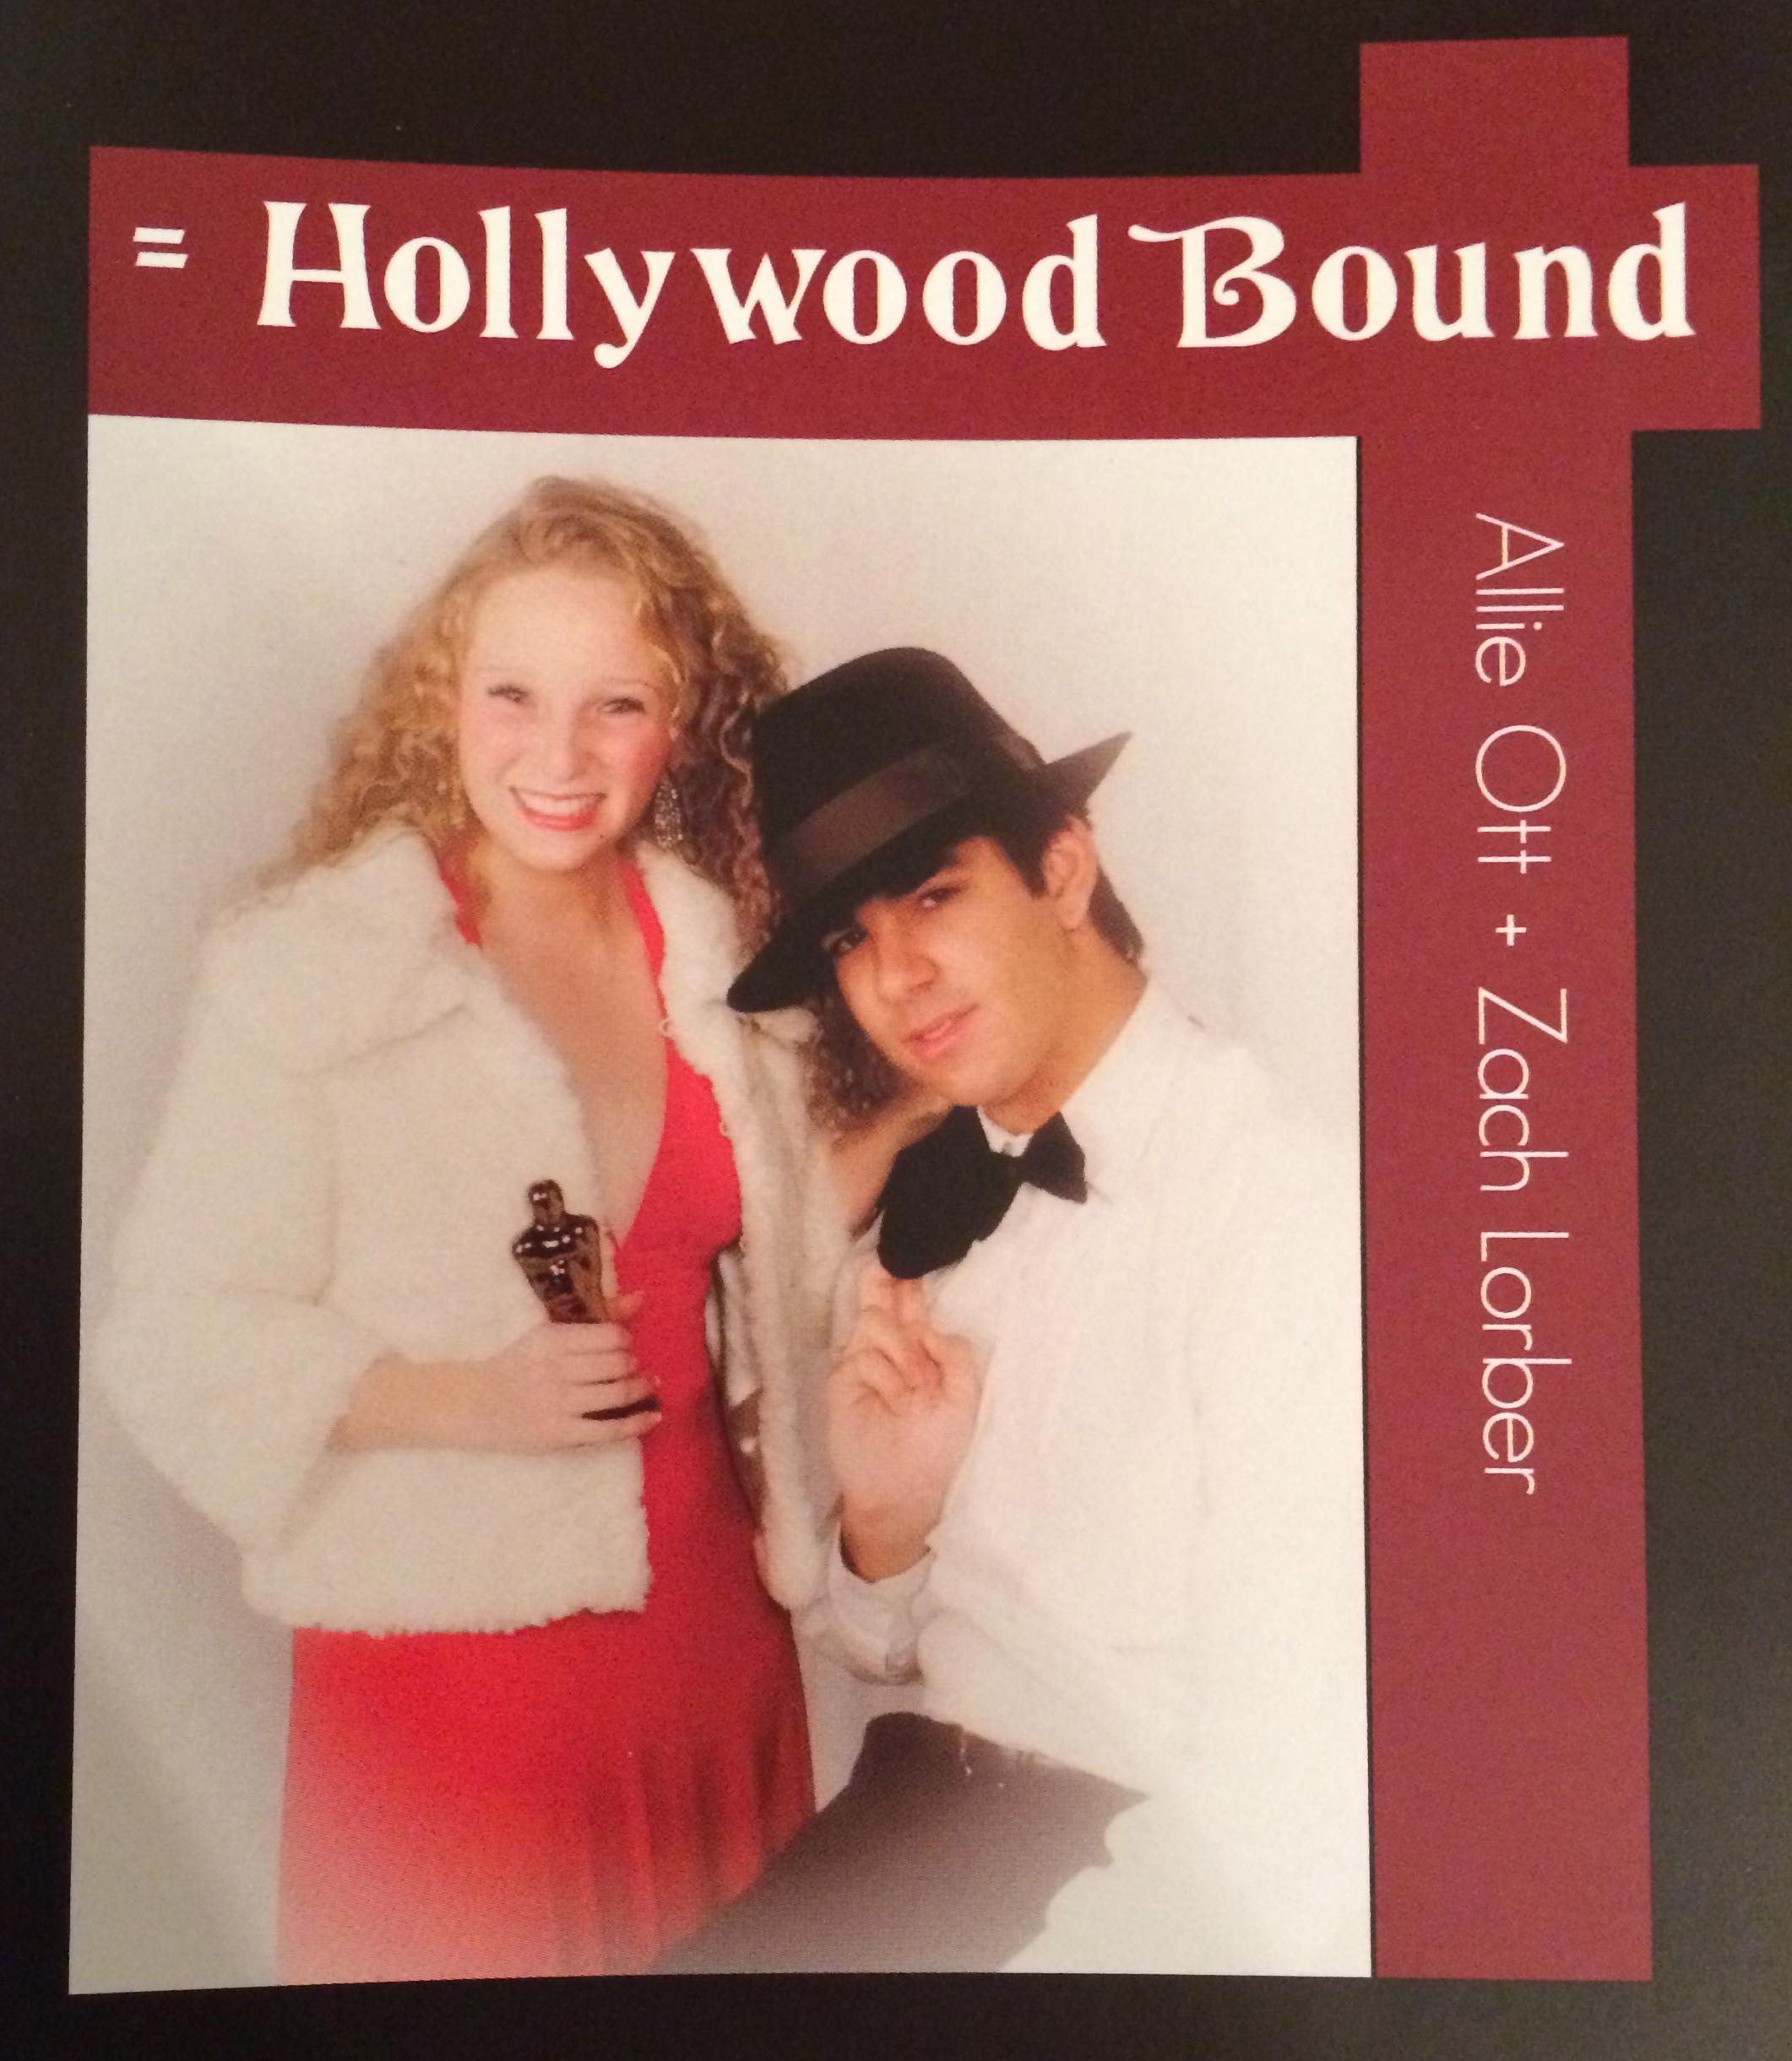 HollywoodBound